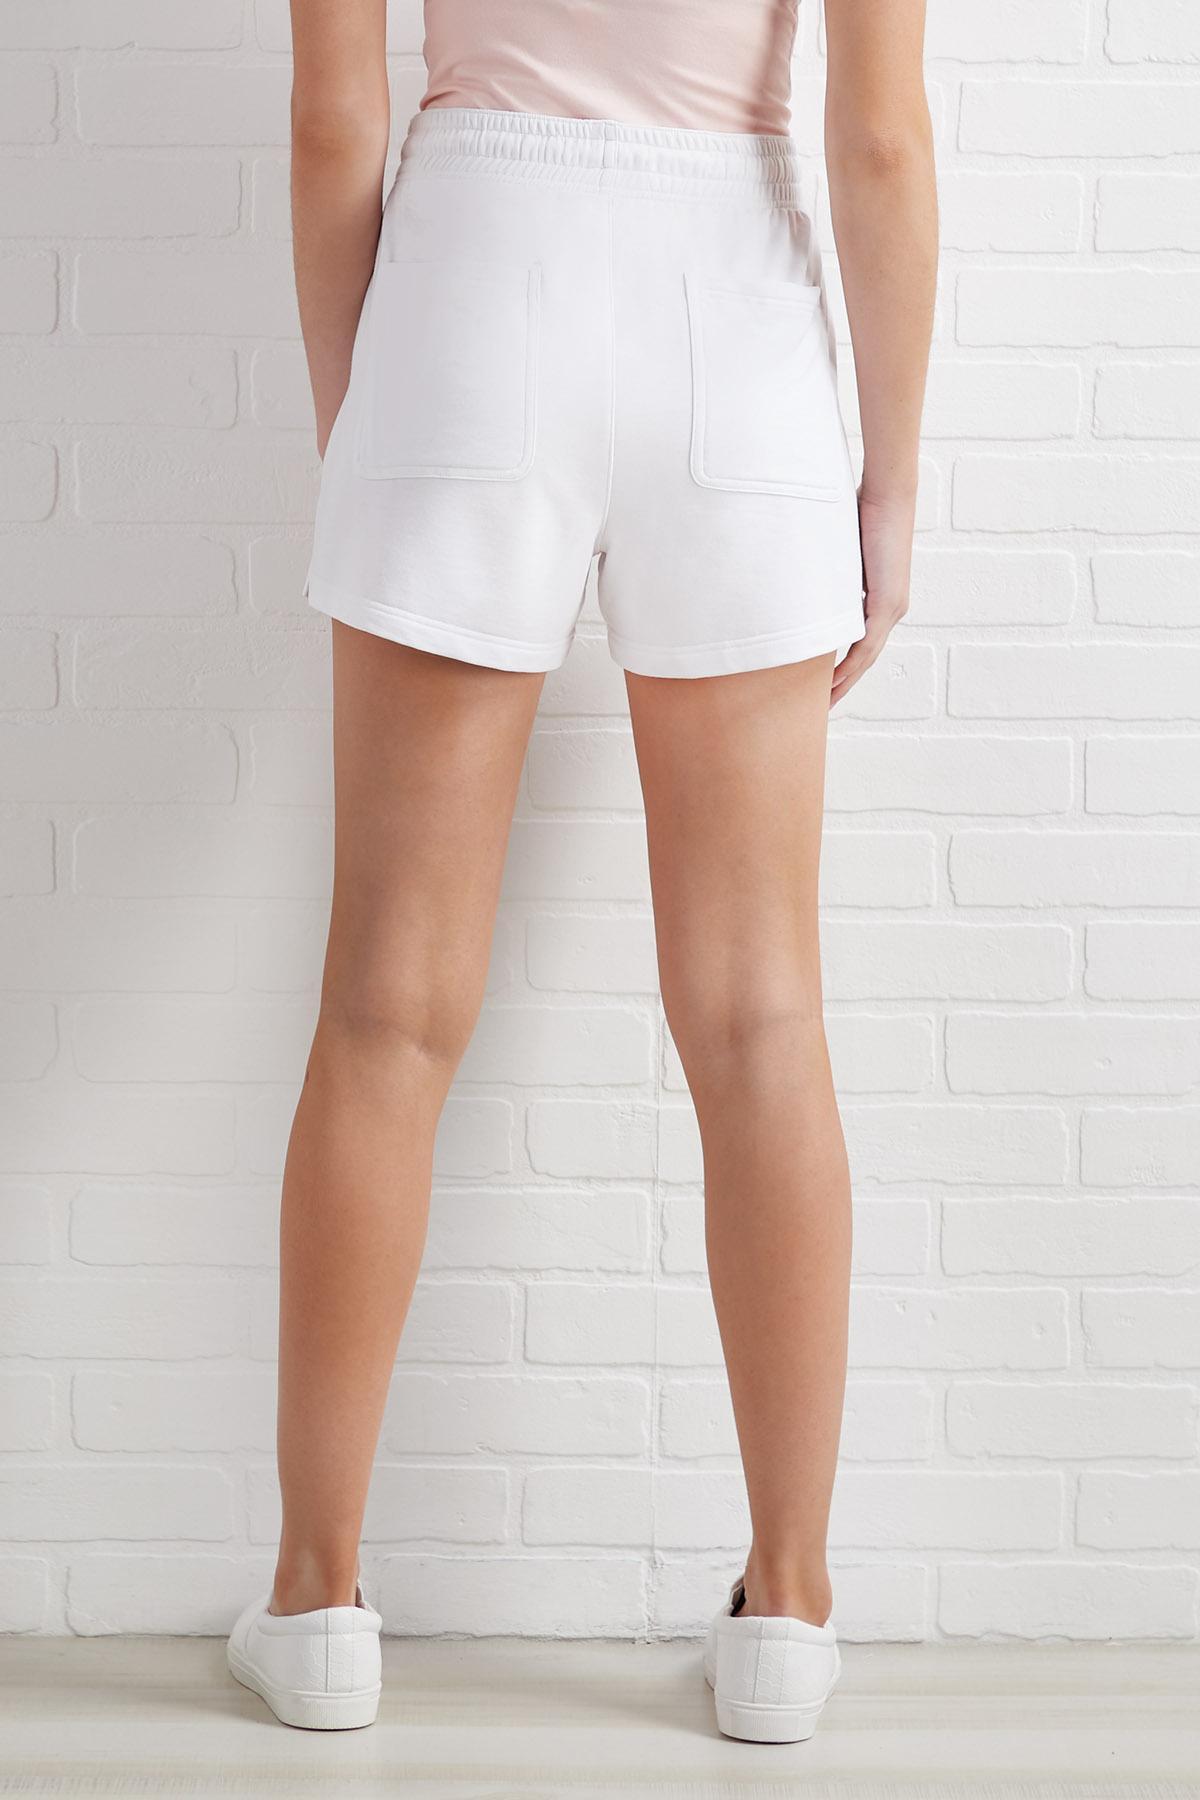 Hey Shorty Shorts